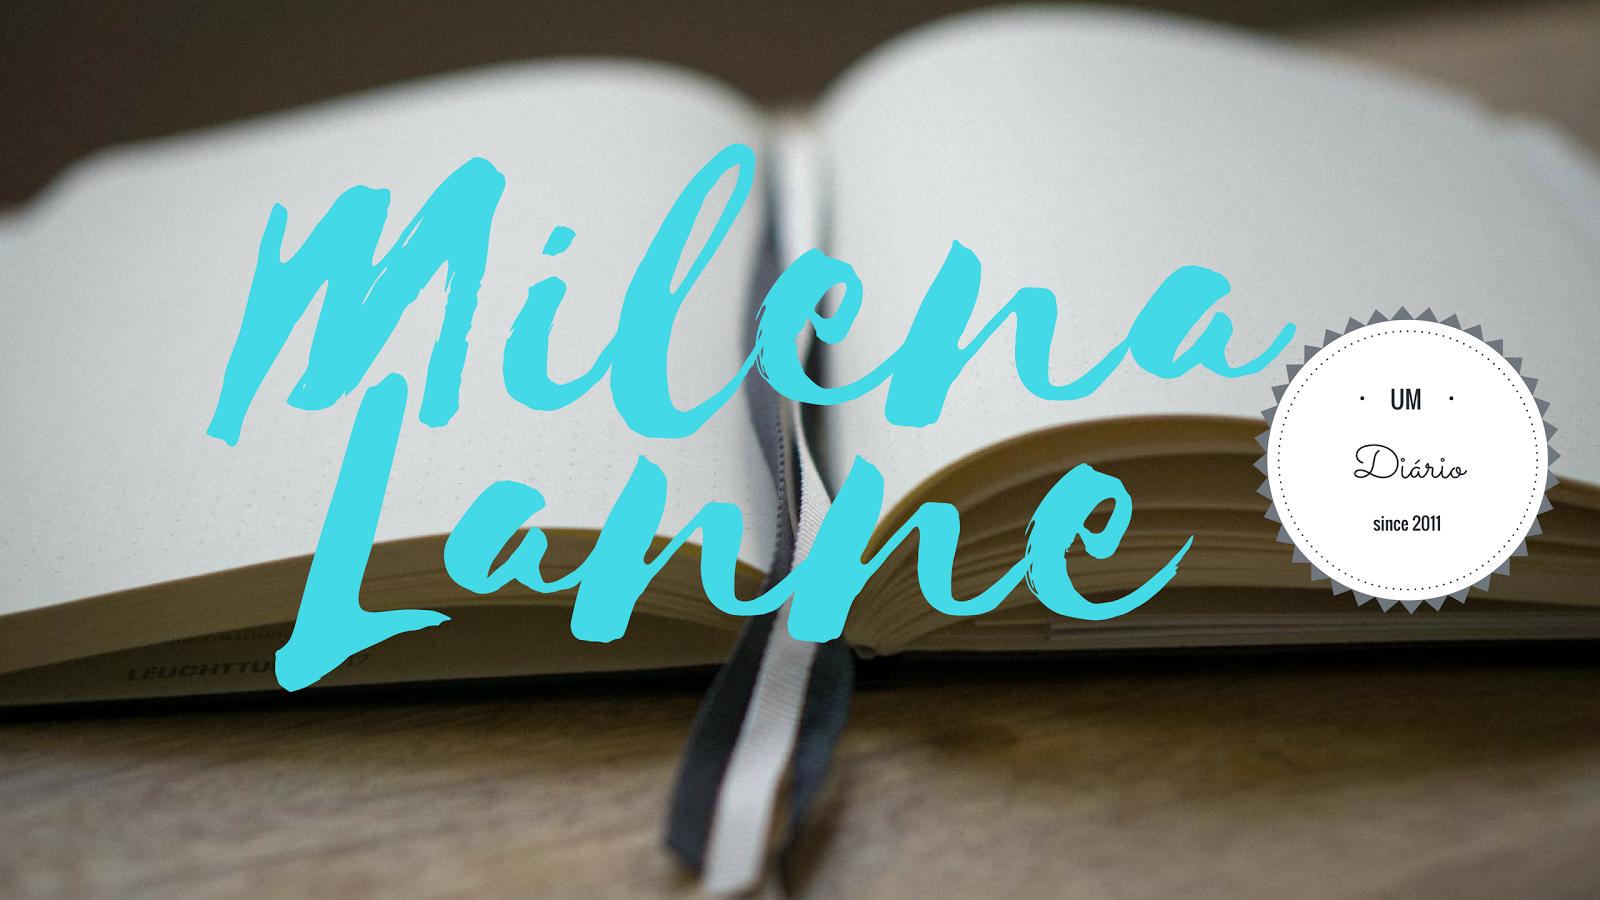 Milena Lanne